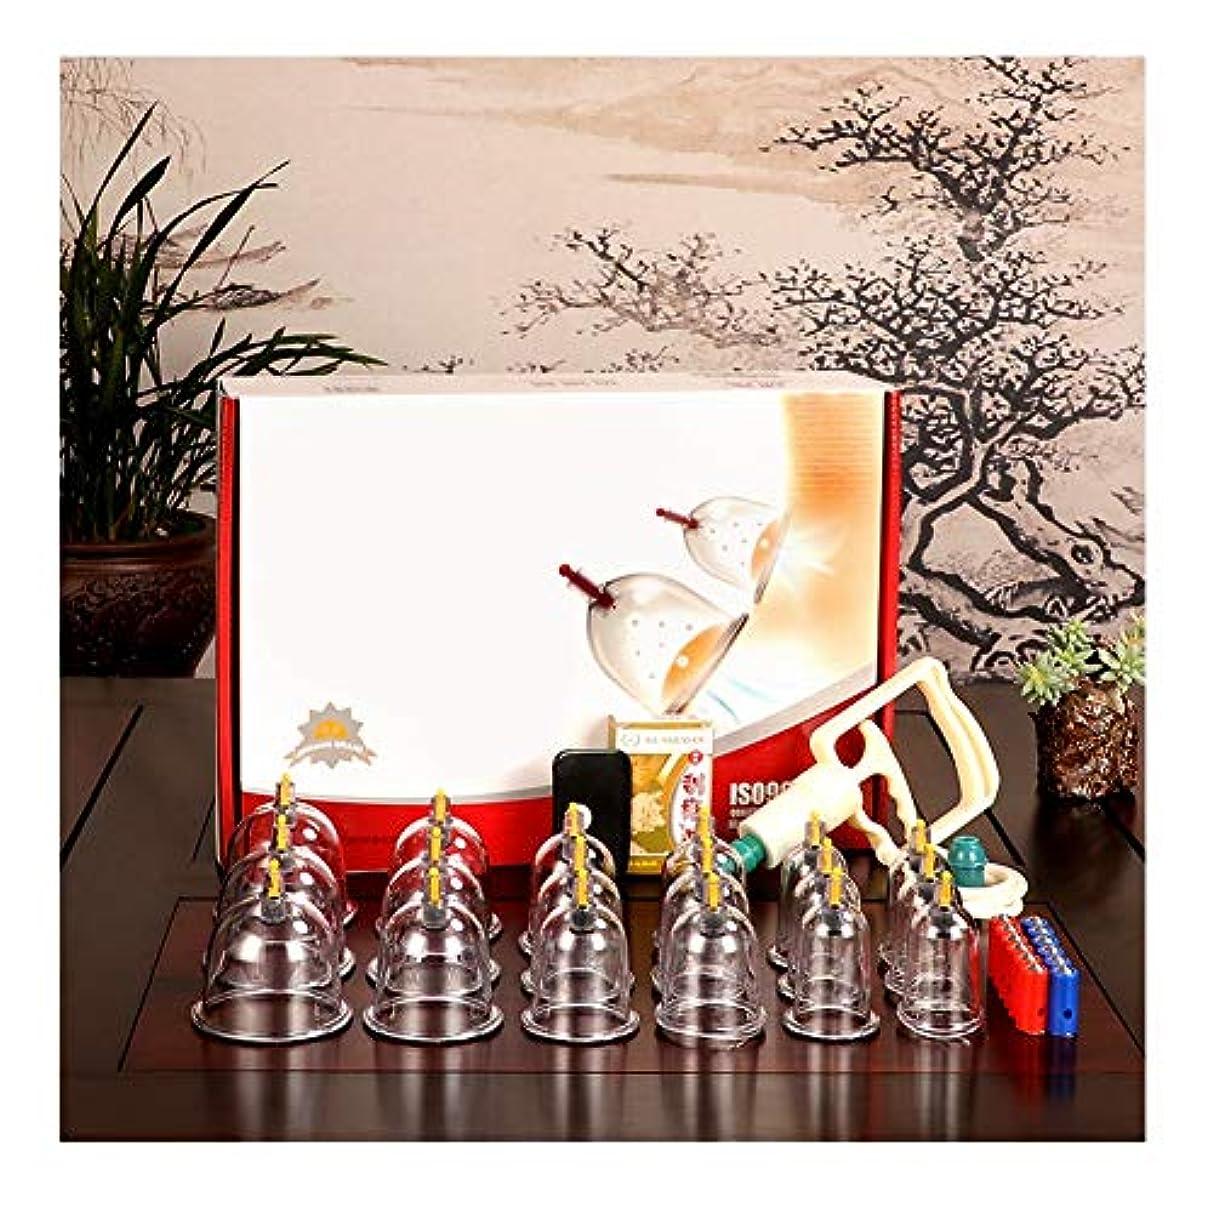 修道院マット運河18カップカッピングセットプラスチック、真空吸引中国のツボ療法、在宅医療、筋肉関節痛、肩背部膝痛の軽減に最適